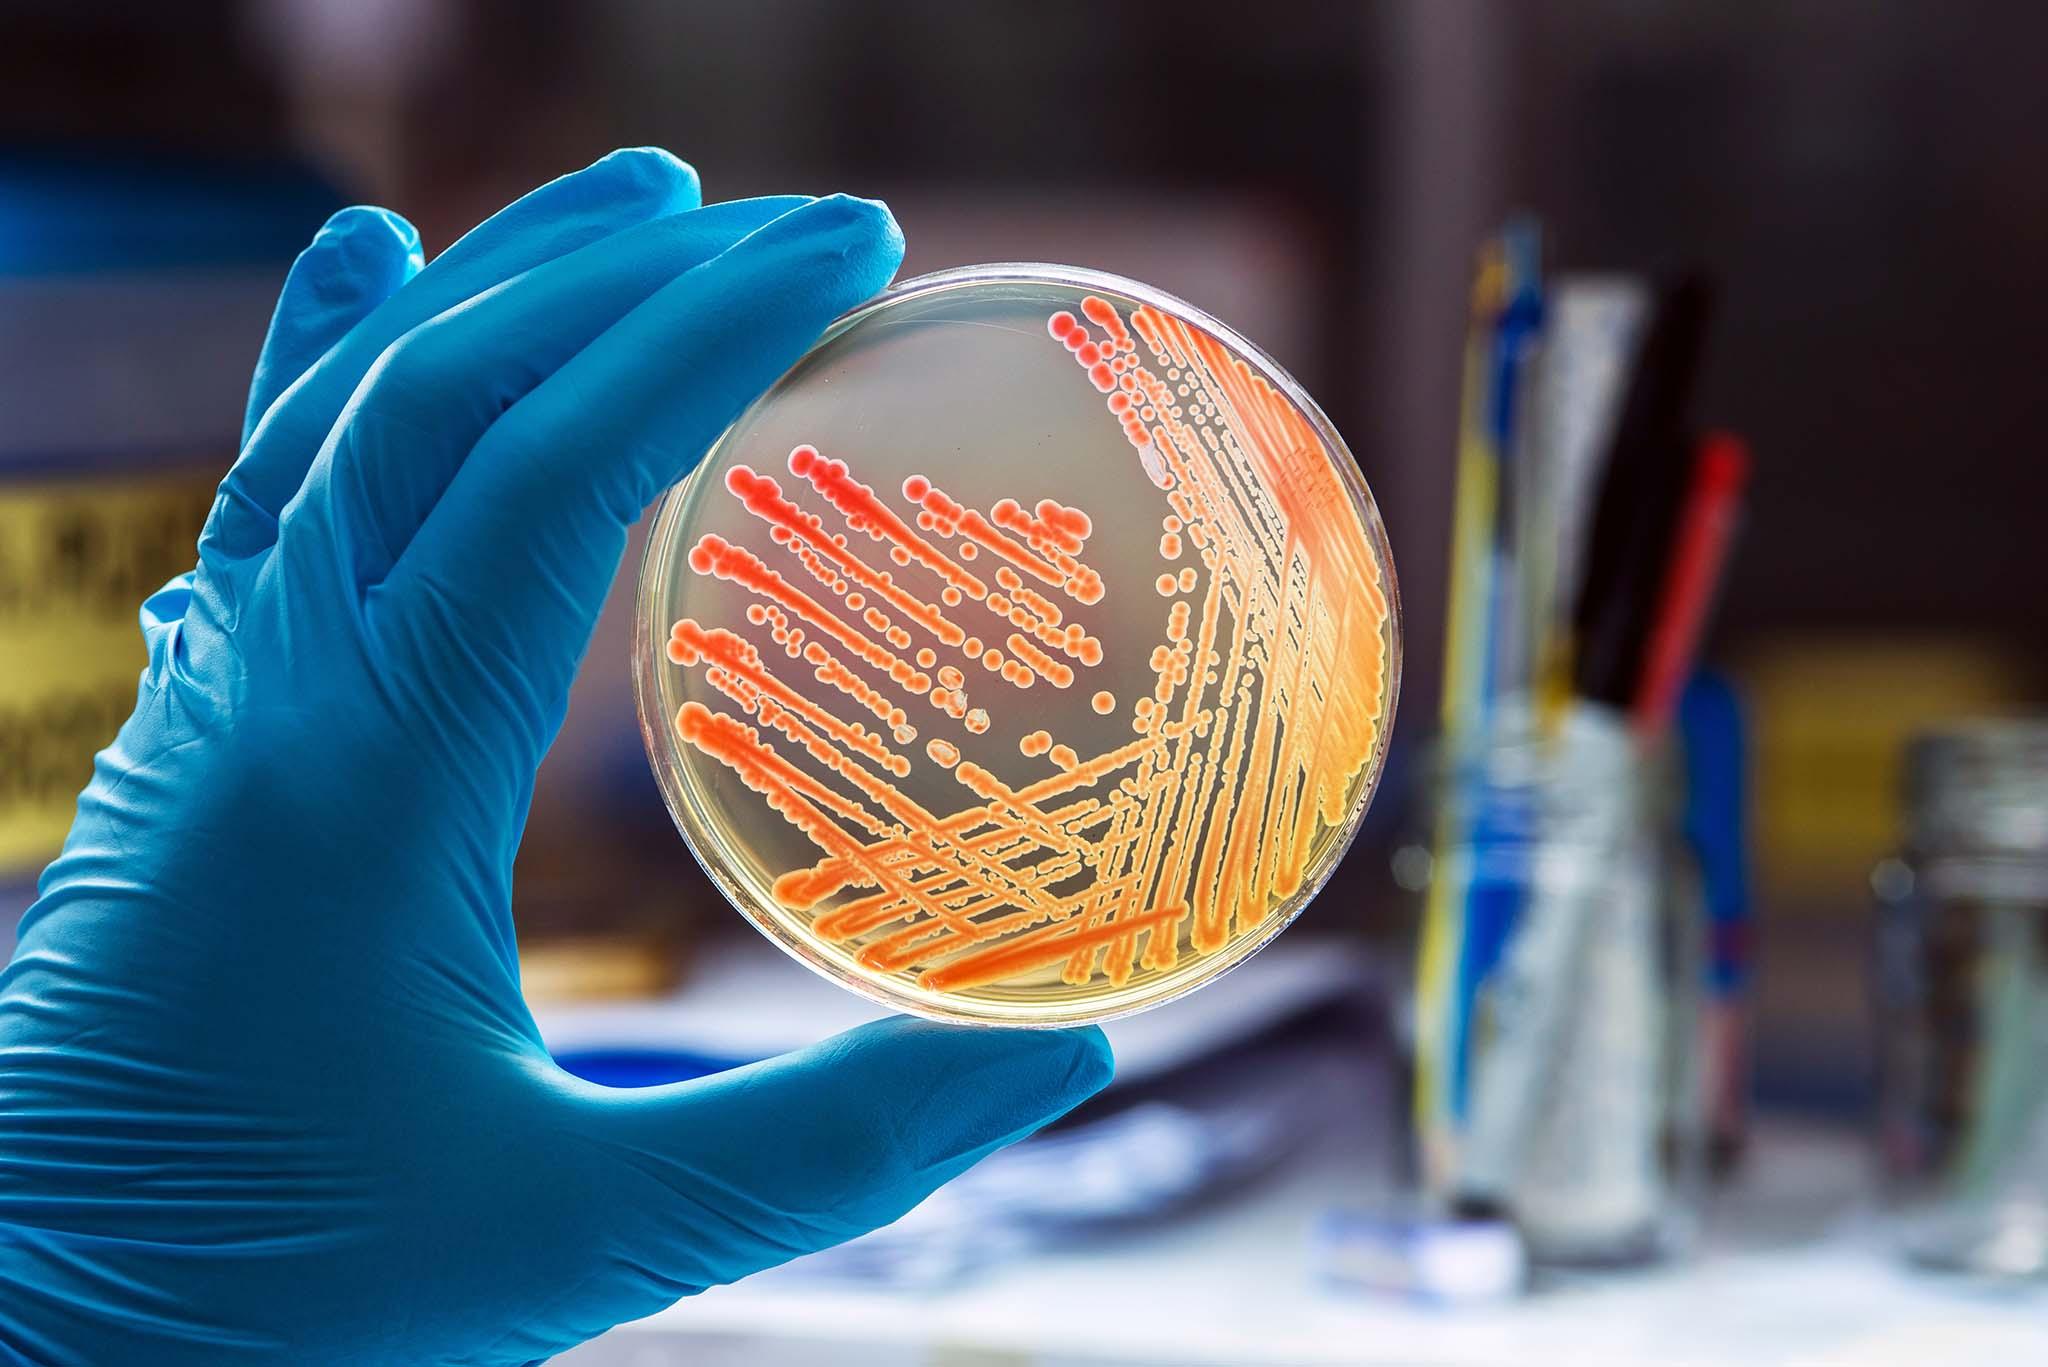 Mikrobiologische Analyse mit Bakterien aus Kosmetik Ausstrich zur Keimidentifizierung